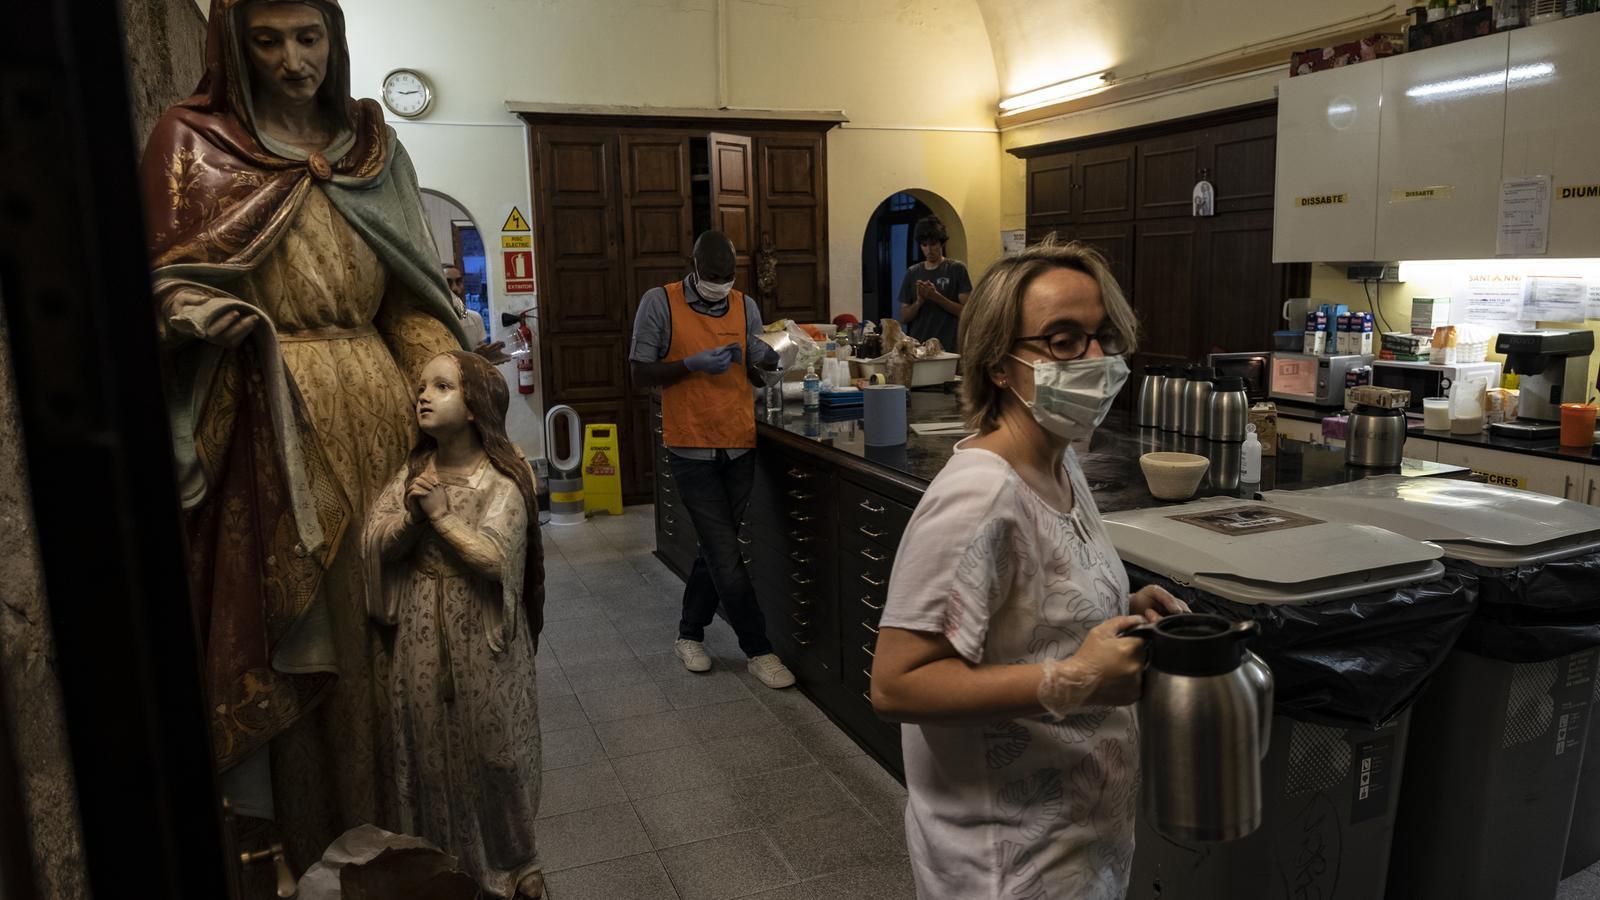 Les entitats socials llancen un SOS per la falta de fons per ajudar en la pandèmia